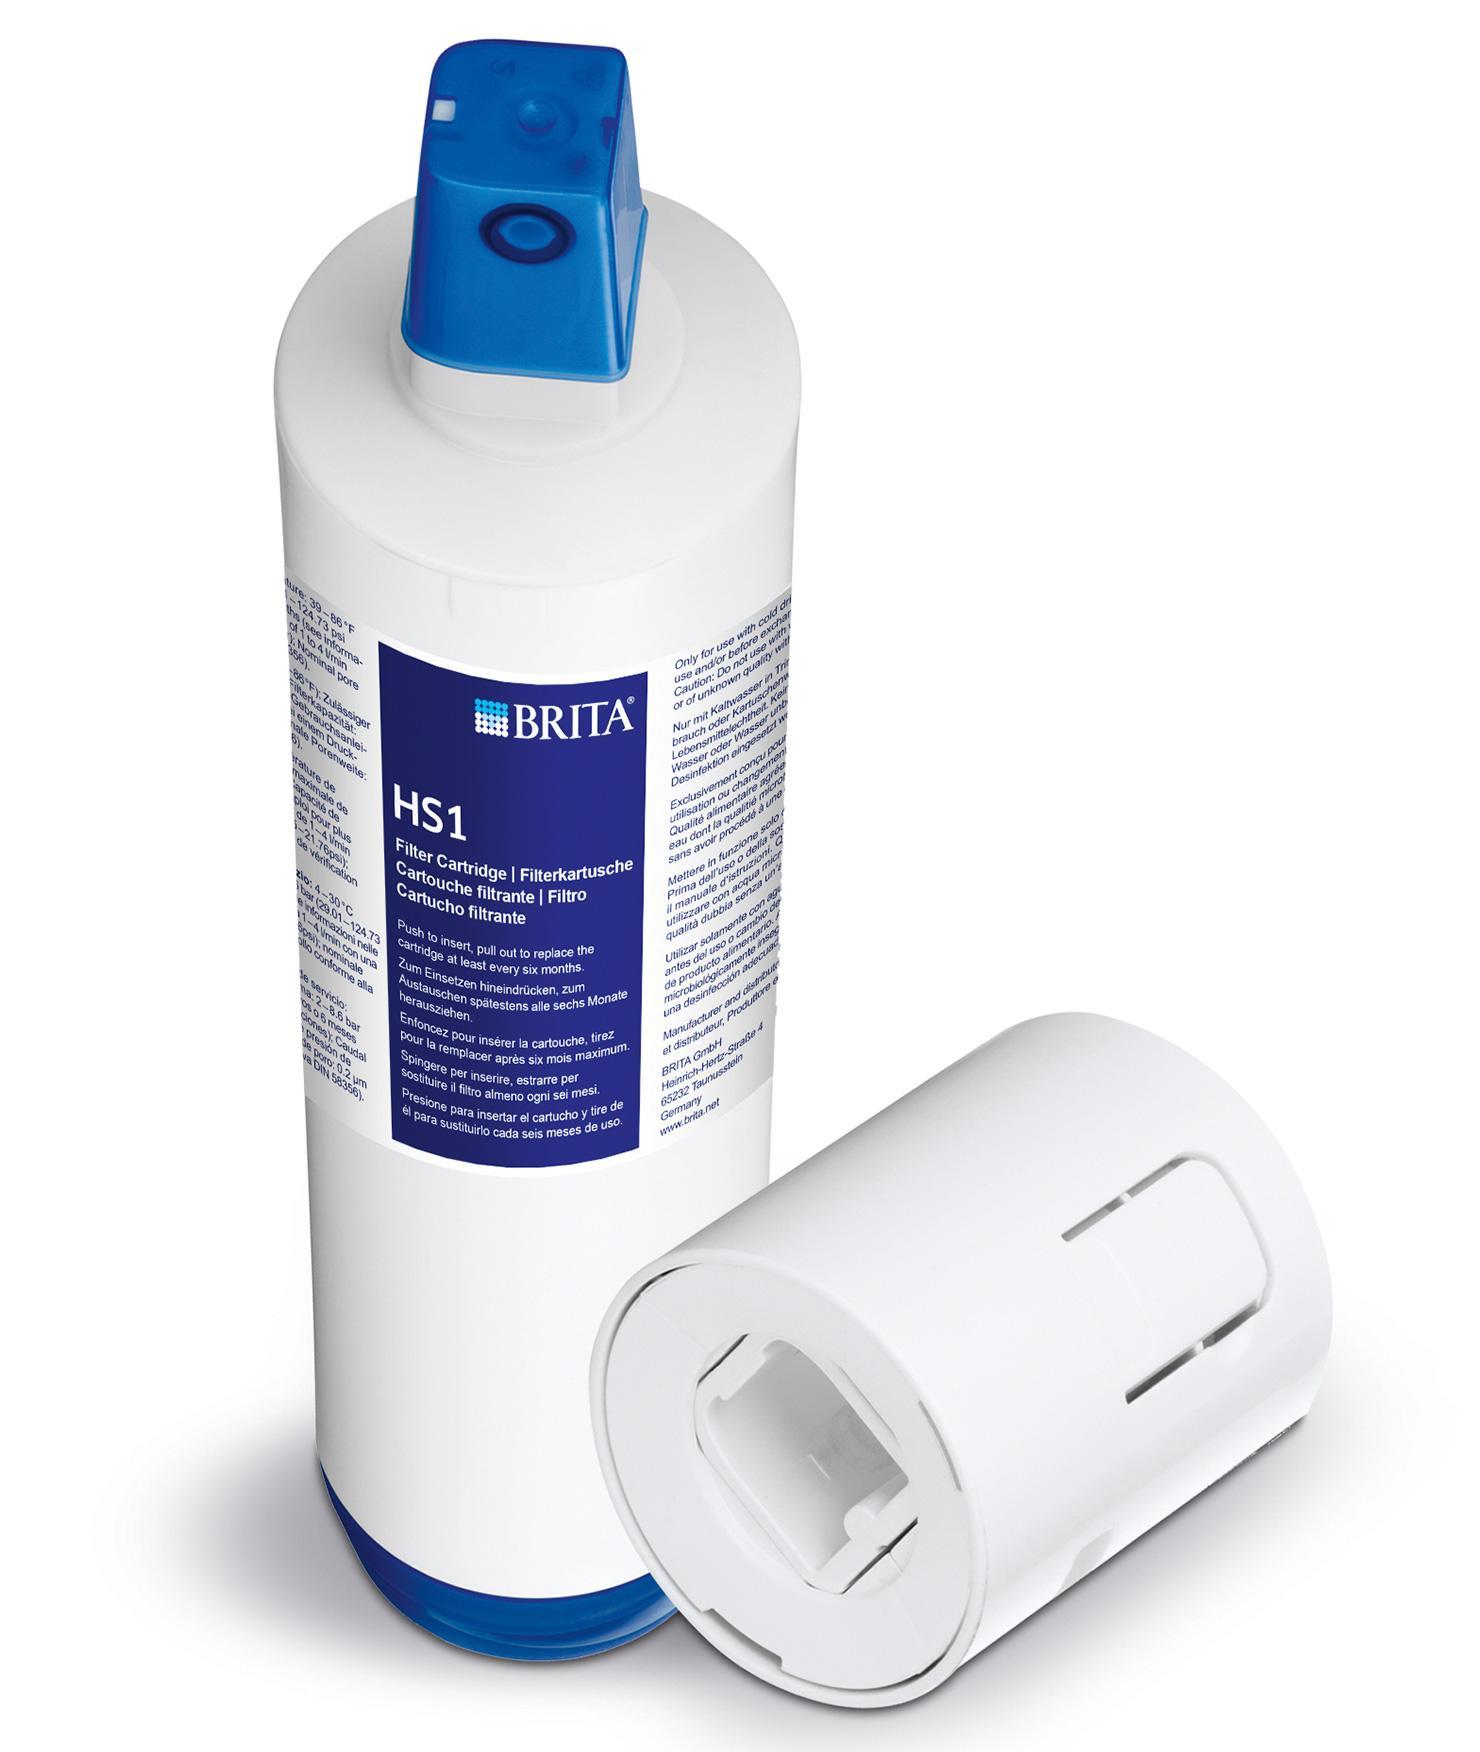 BRITA filter HS1 filter